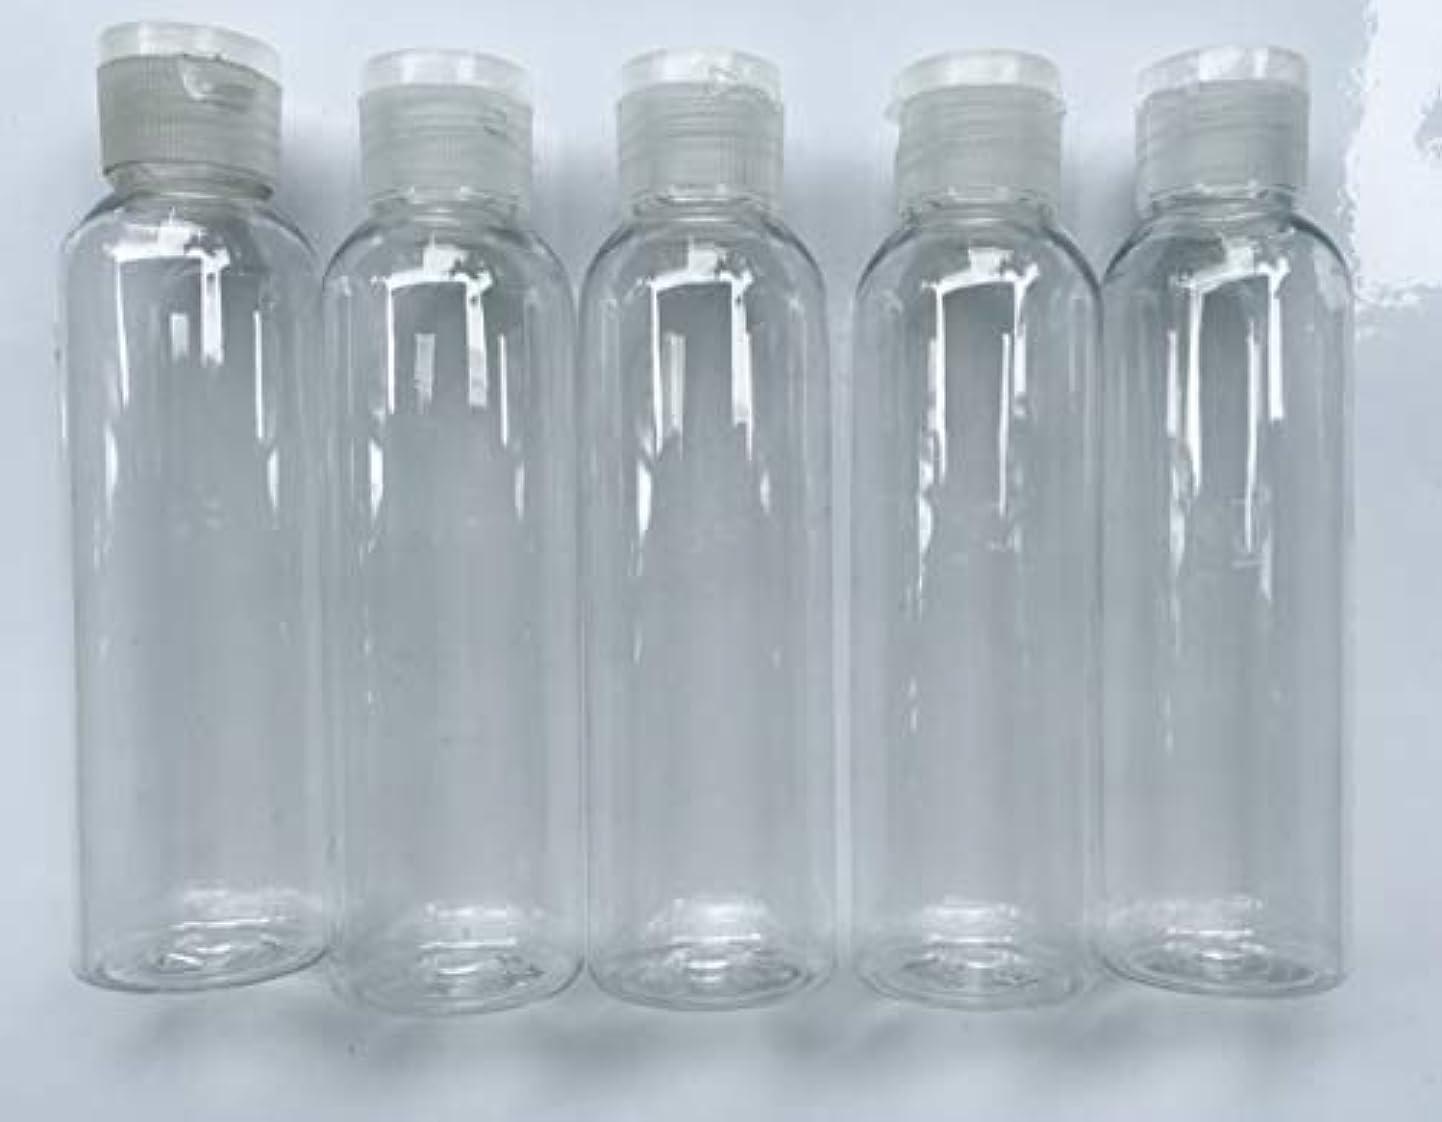 ご注意敬意を表する不規則性旅行用 透明詰め替え容器150ml (クリア)携帯用トラベルボトル5本セット/シャンプー、化粧水、ローション、乳液などの基礎化粧品や調味料入れに